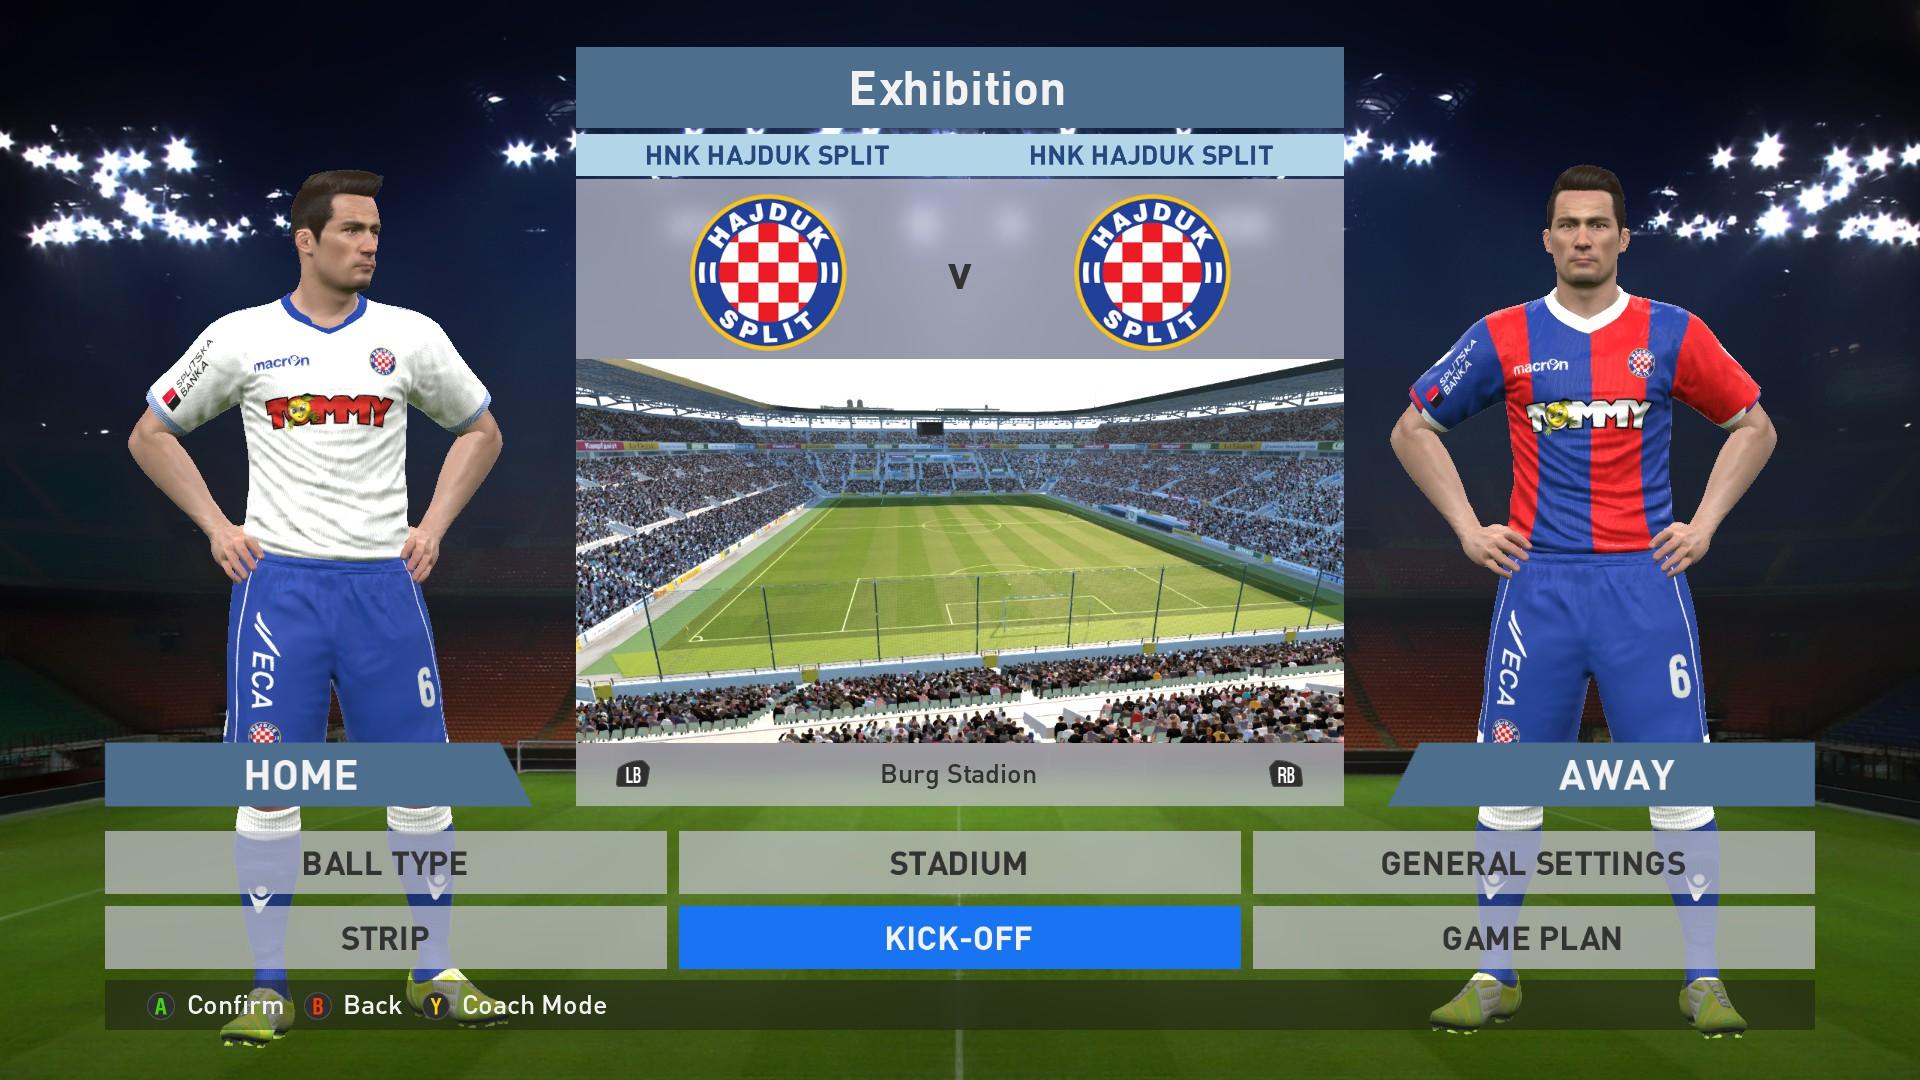 Hajduk Split Home Away Kits Image Pes 16 Megaforce